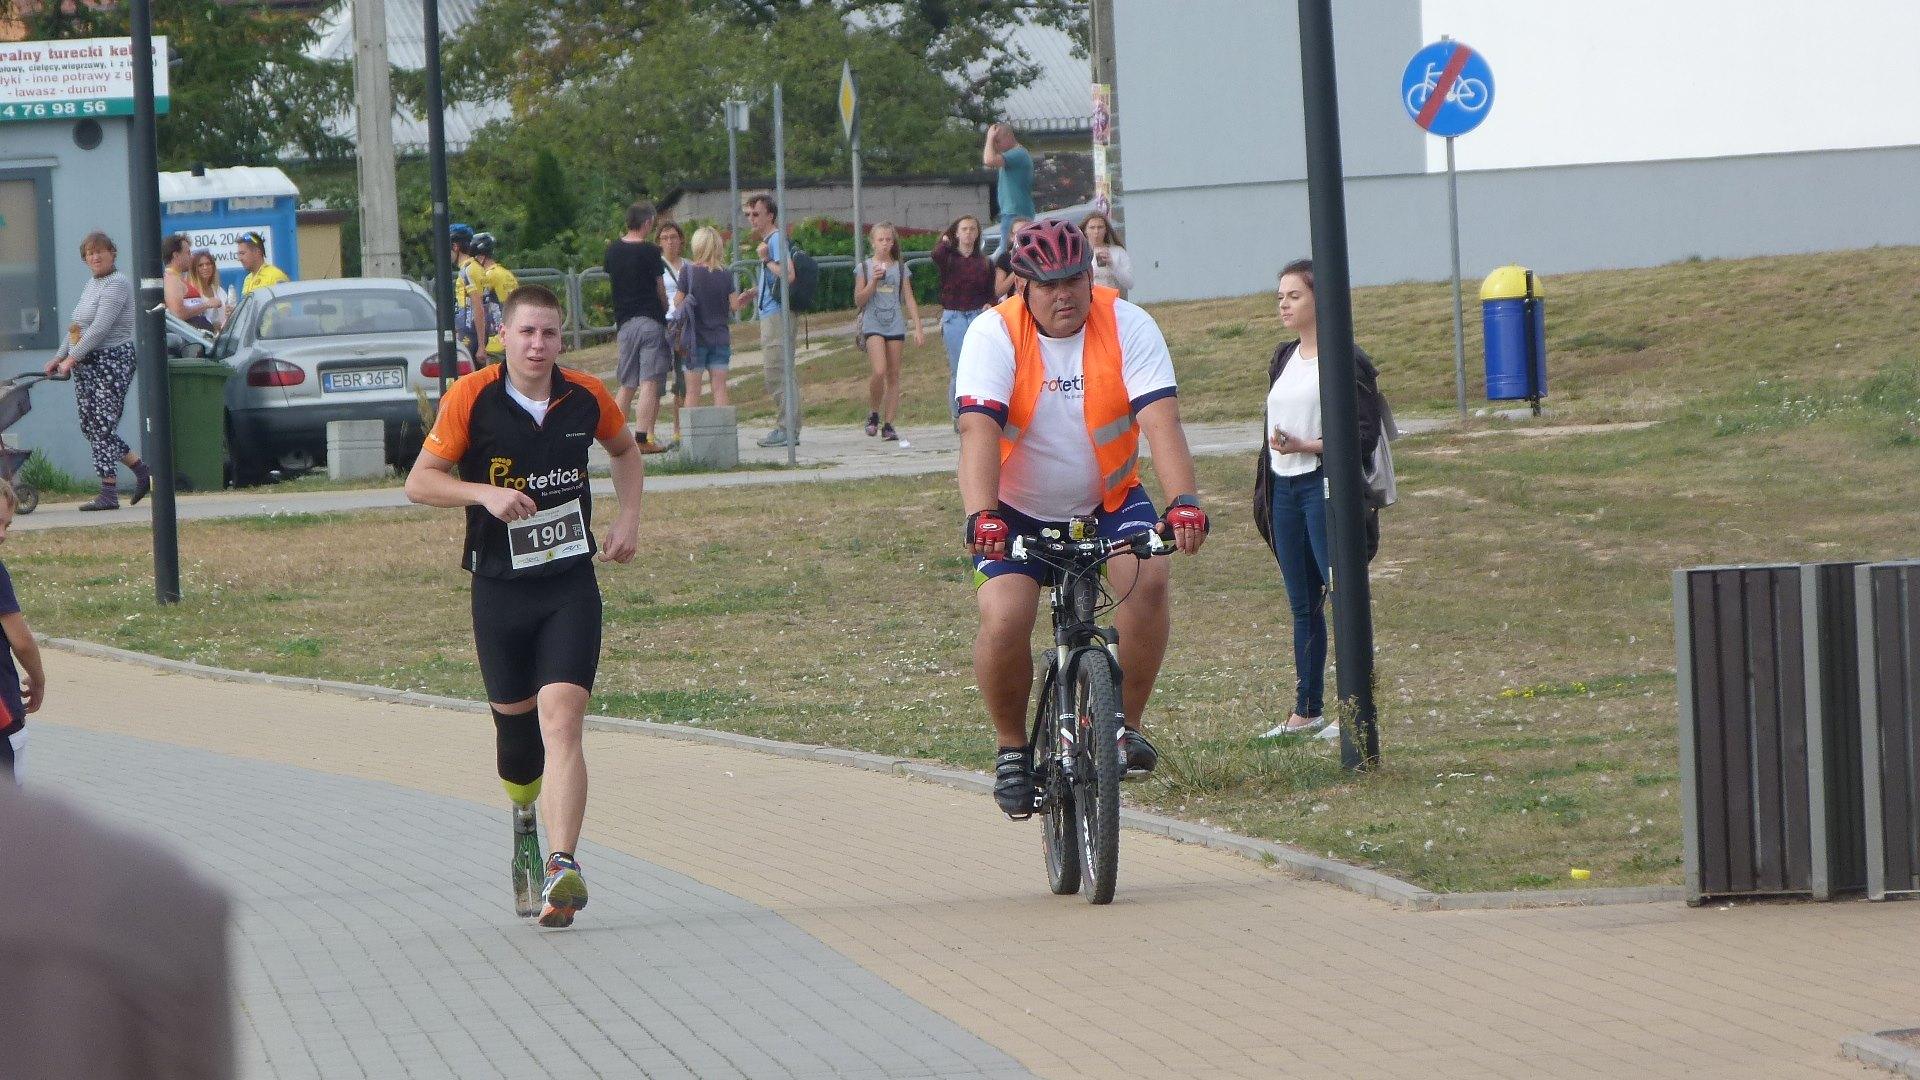 kamil-aleksejew-moj-pierwszy-triathlon-cyklomaniacy-8